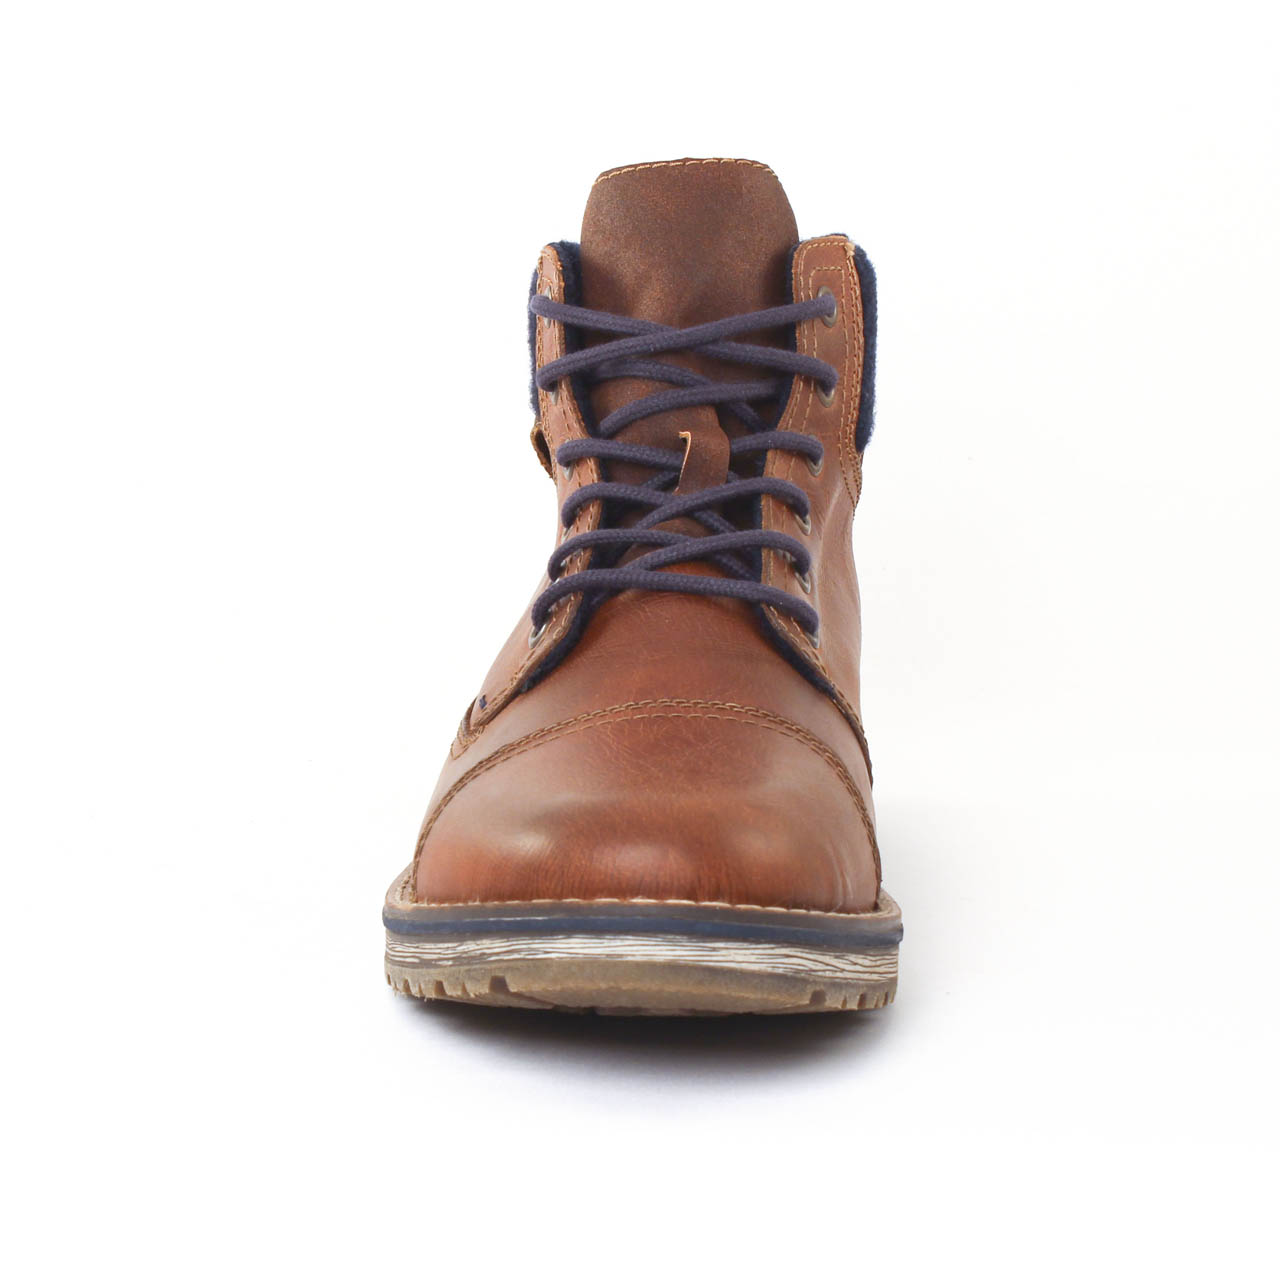 chaussures montantes marron mode homme automne hiver vue 6